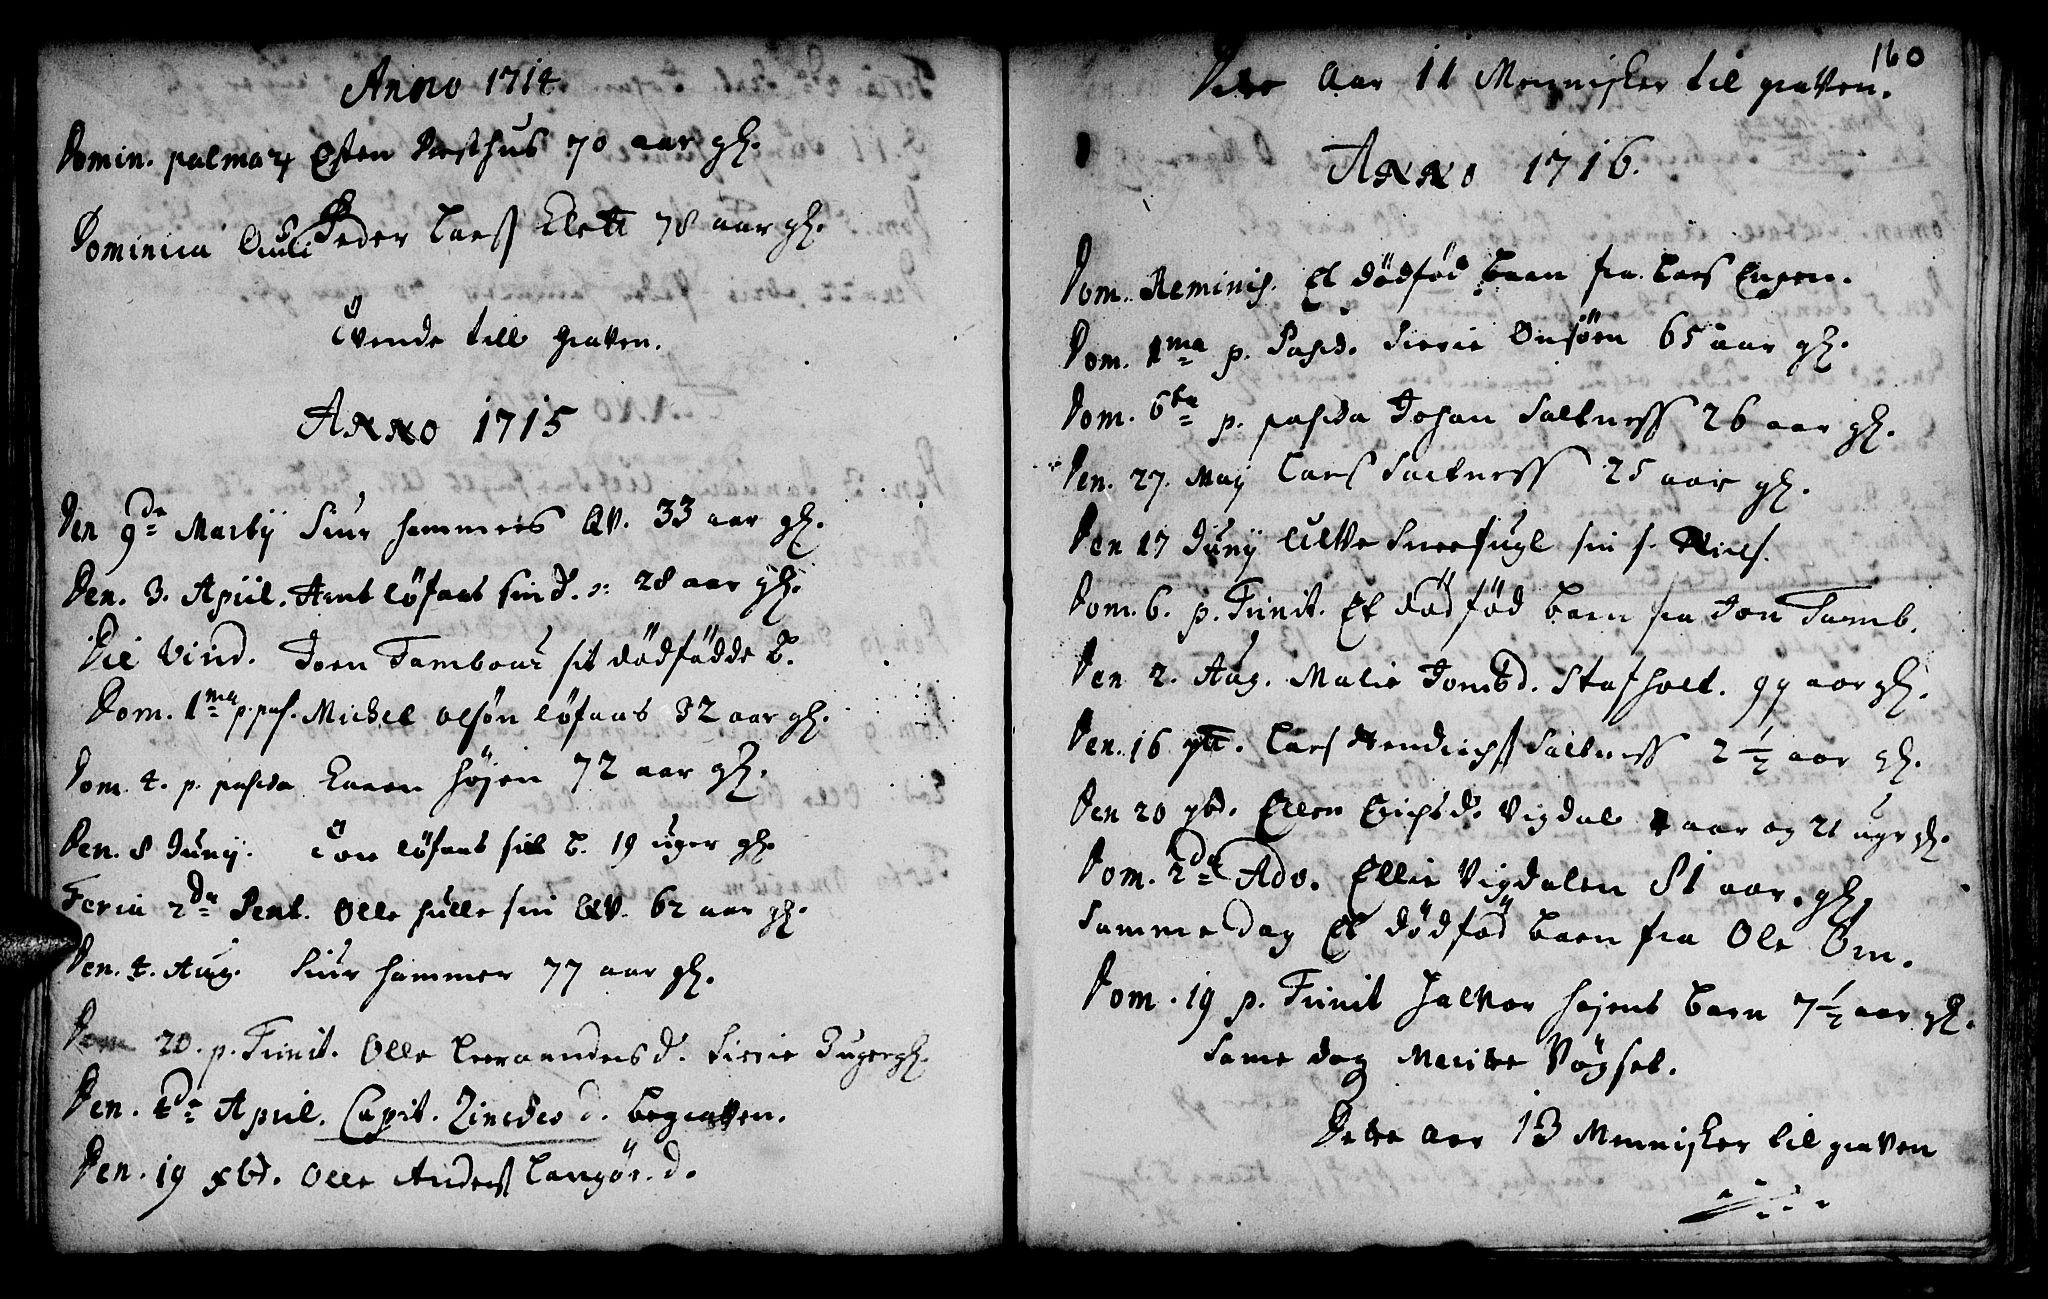 SAT, Ministerialprotokoller, klokkerbøker og fødselsregistre - Sør-Trøndelag, 666/L0783: Ministerialbok nr. 666A01, 1702-1753, s. 160